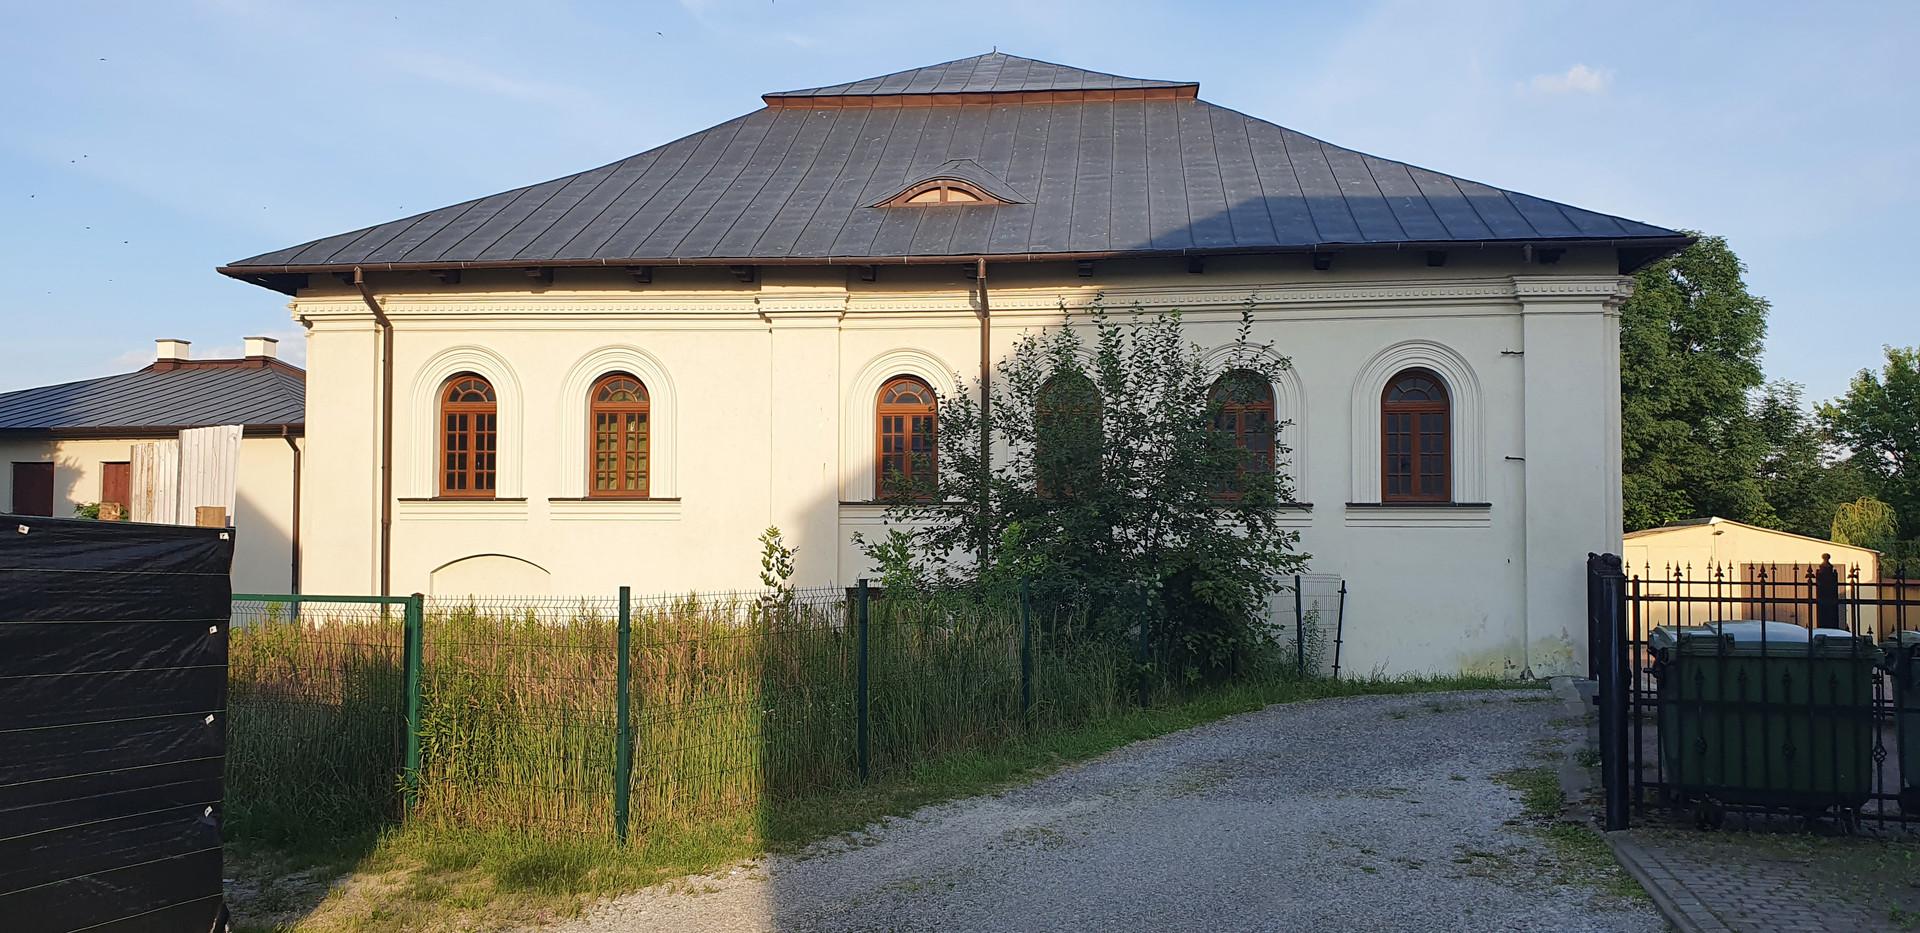 בית הכנסת של קראשניק